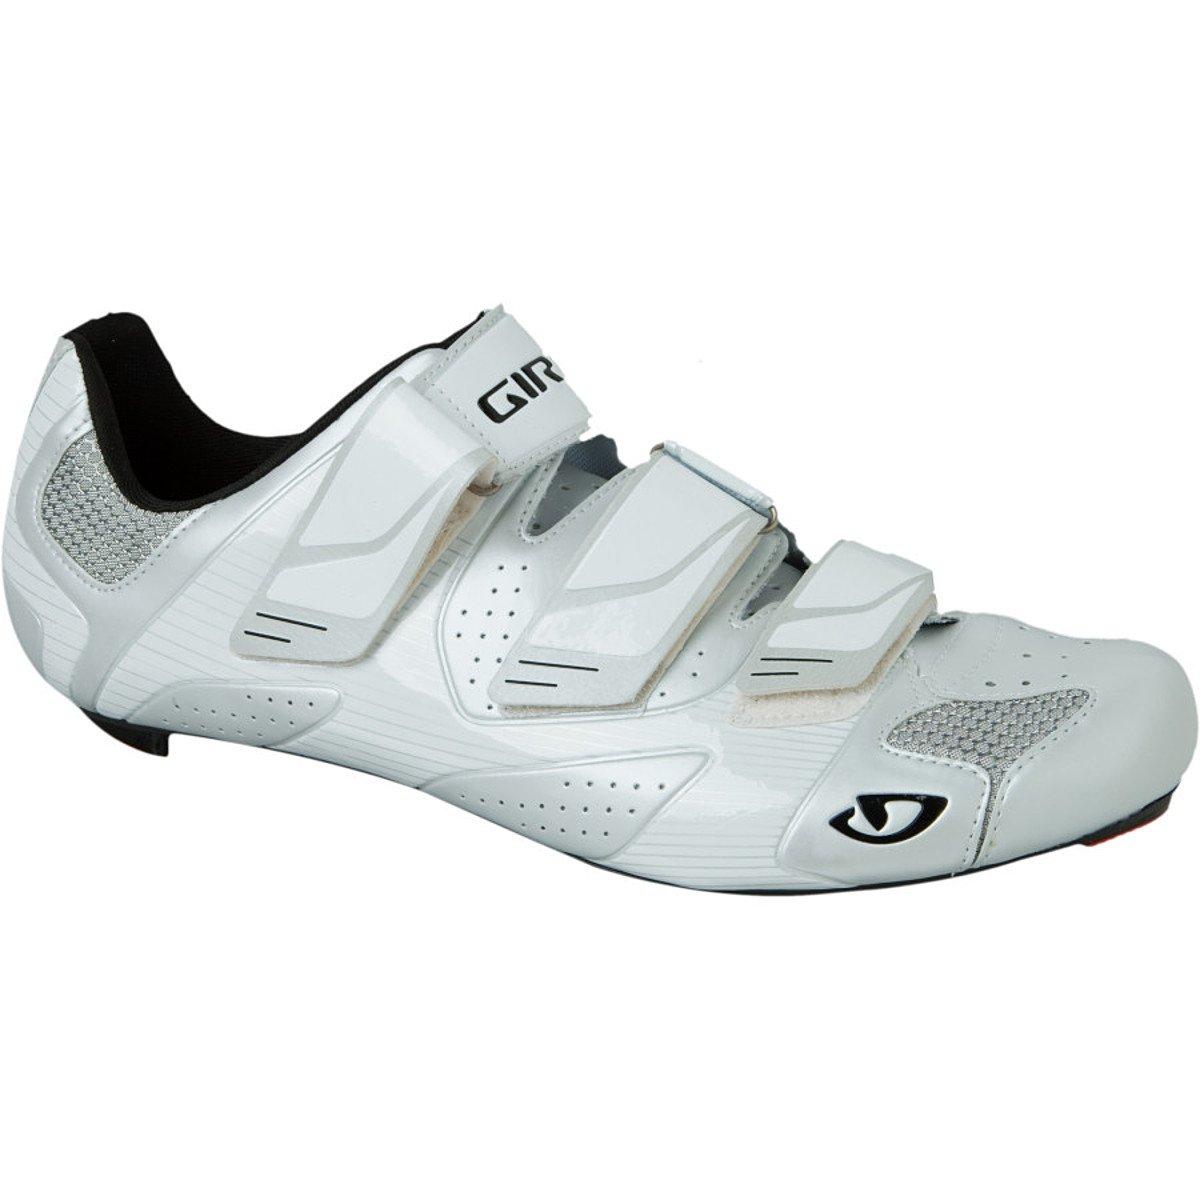 Giro Prolight Slx Road靴 39 ホワイト B004LL7VNI